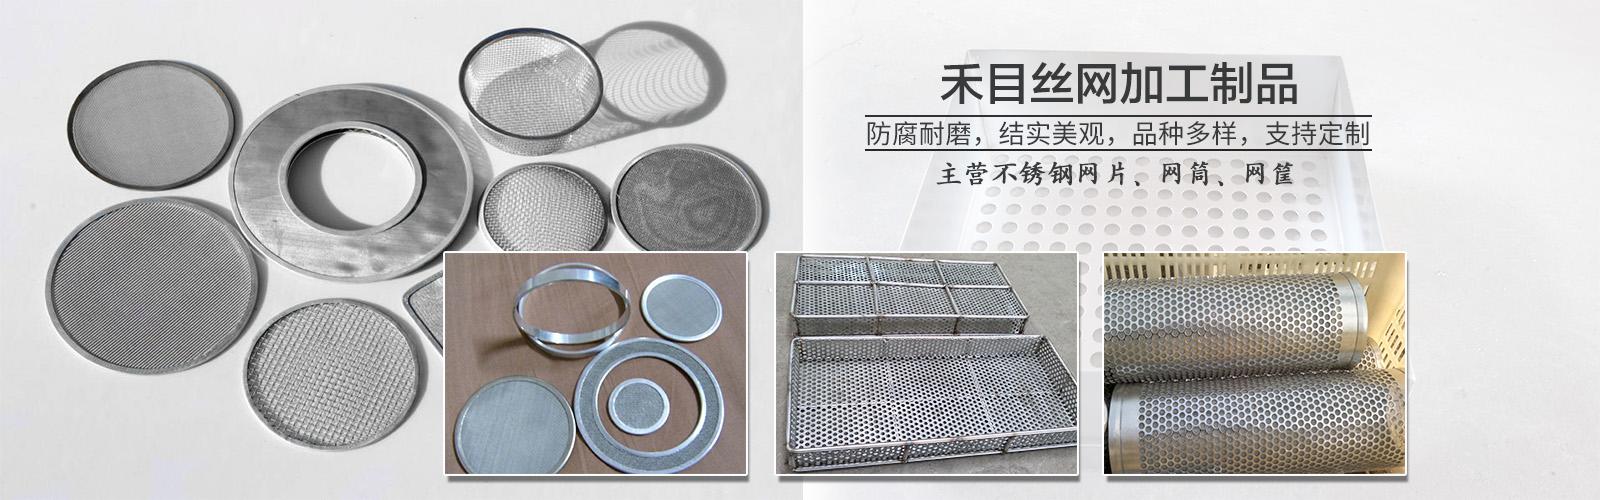 安平县禾目金属丝网制品有限公司